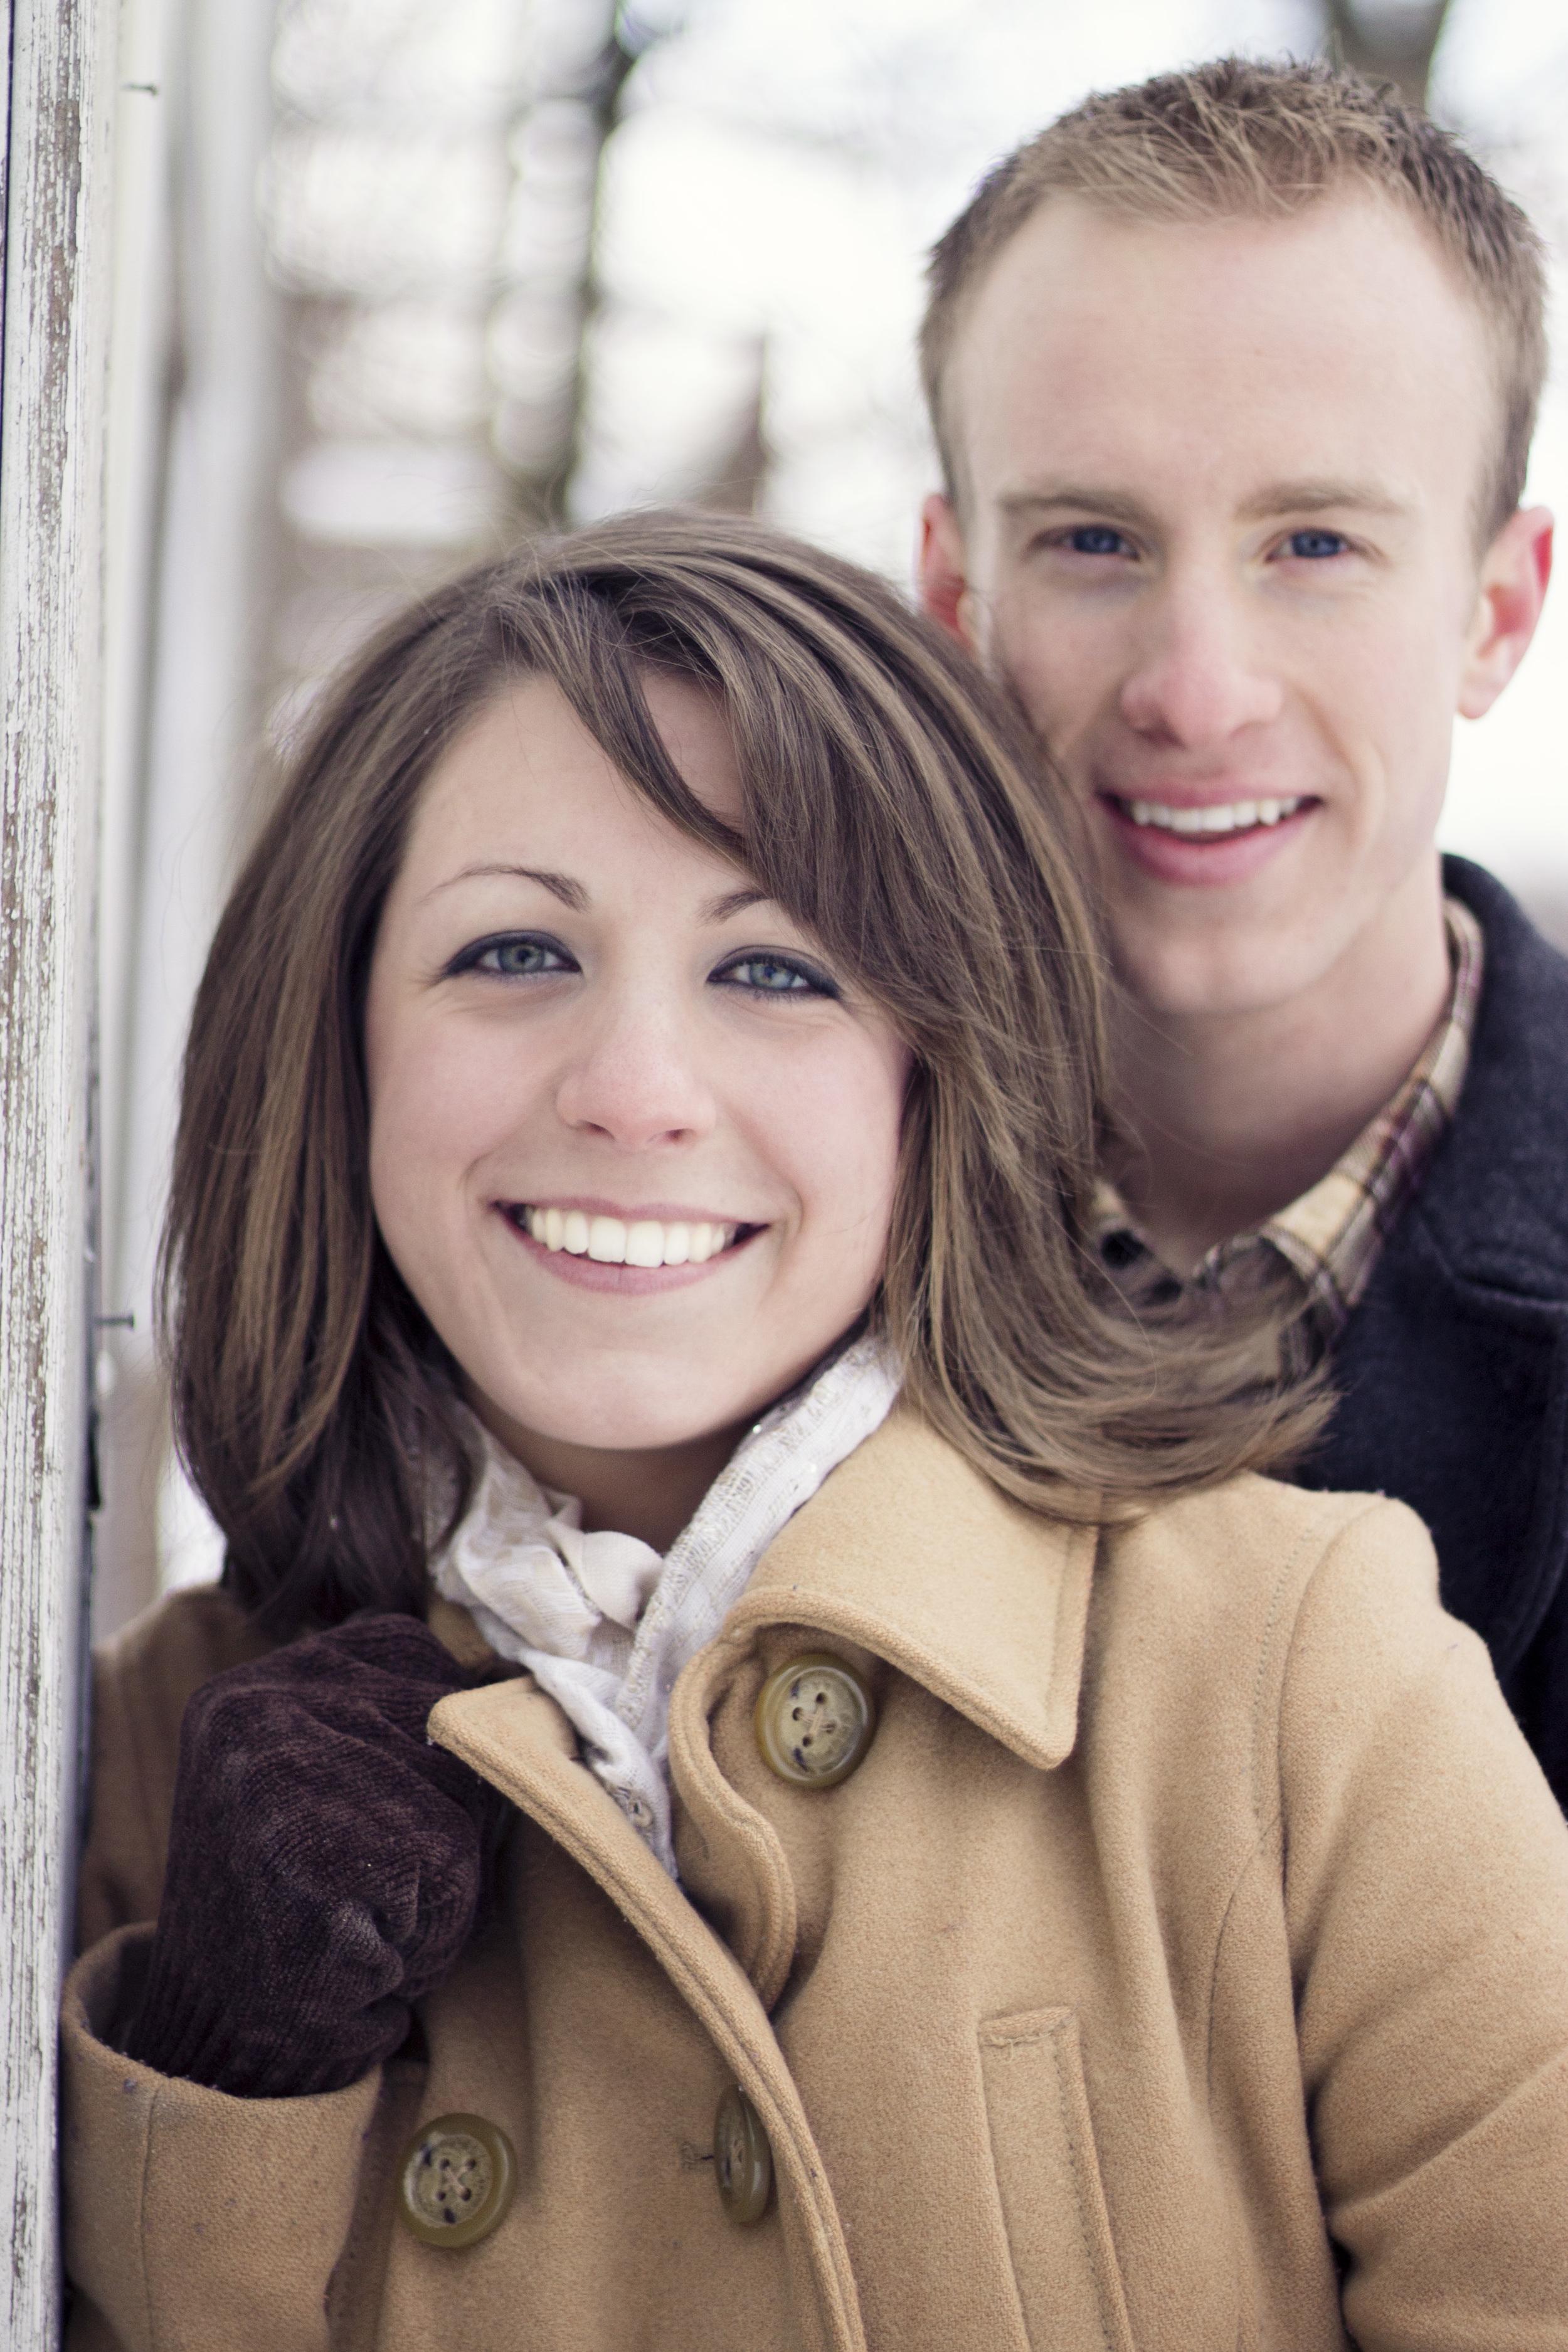 Jonathan&Abby_20140210_0380 copy.jpg